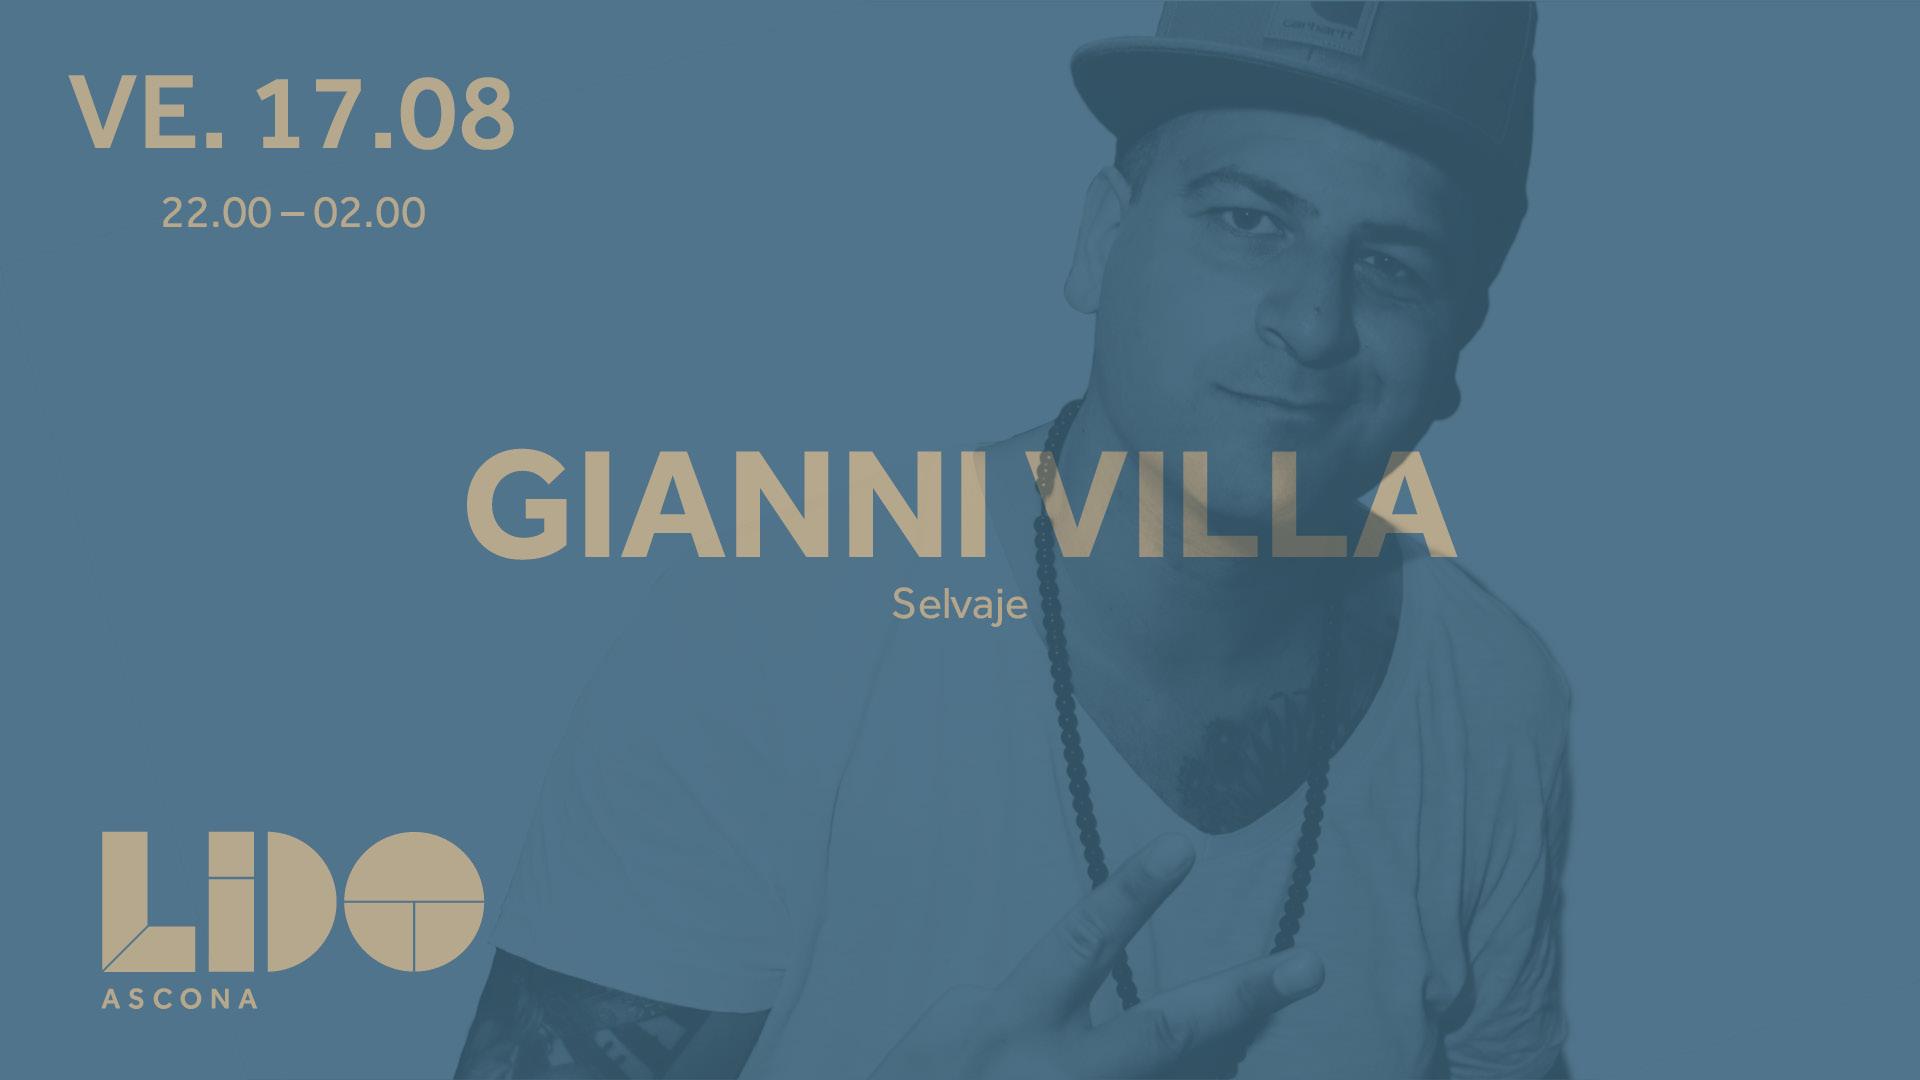 17.08 - Gianni Villa.jpg